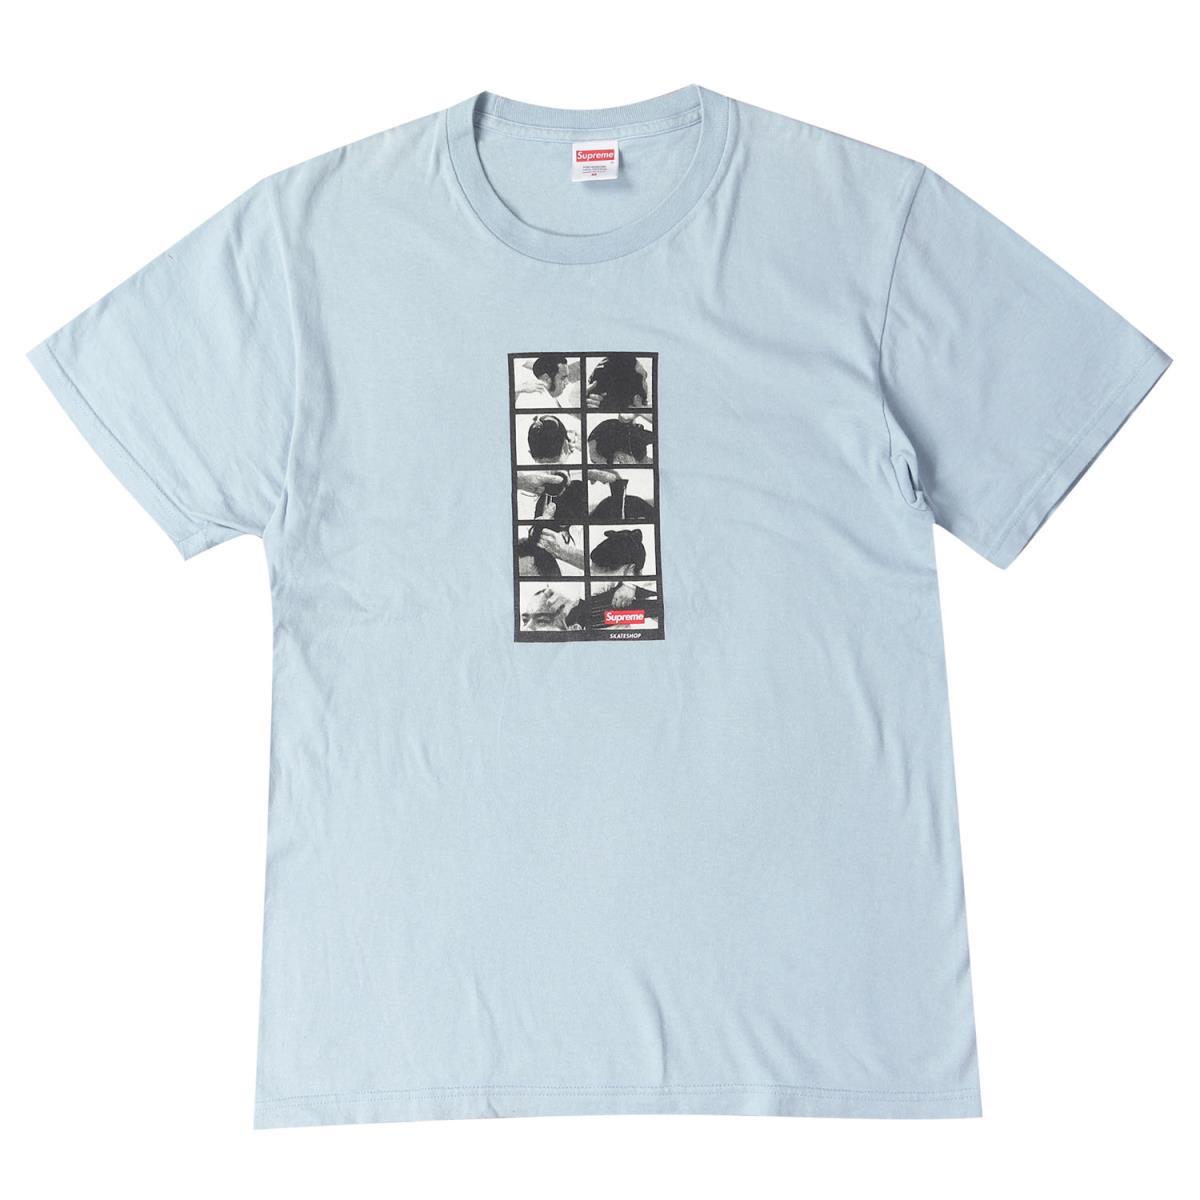 Supreme (シュプリーム) 16A/W 相撲モノクロフォトクルーネックTシャツ(Sumo Tee) ライトブルー M 【メンズ】【中古】【K2323】【あす楽☆対応可】